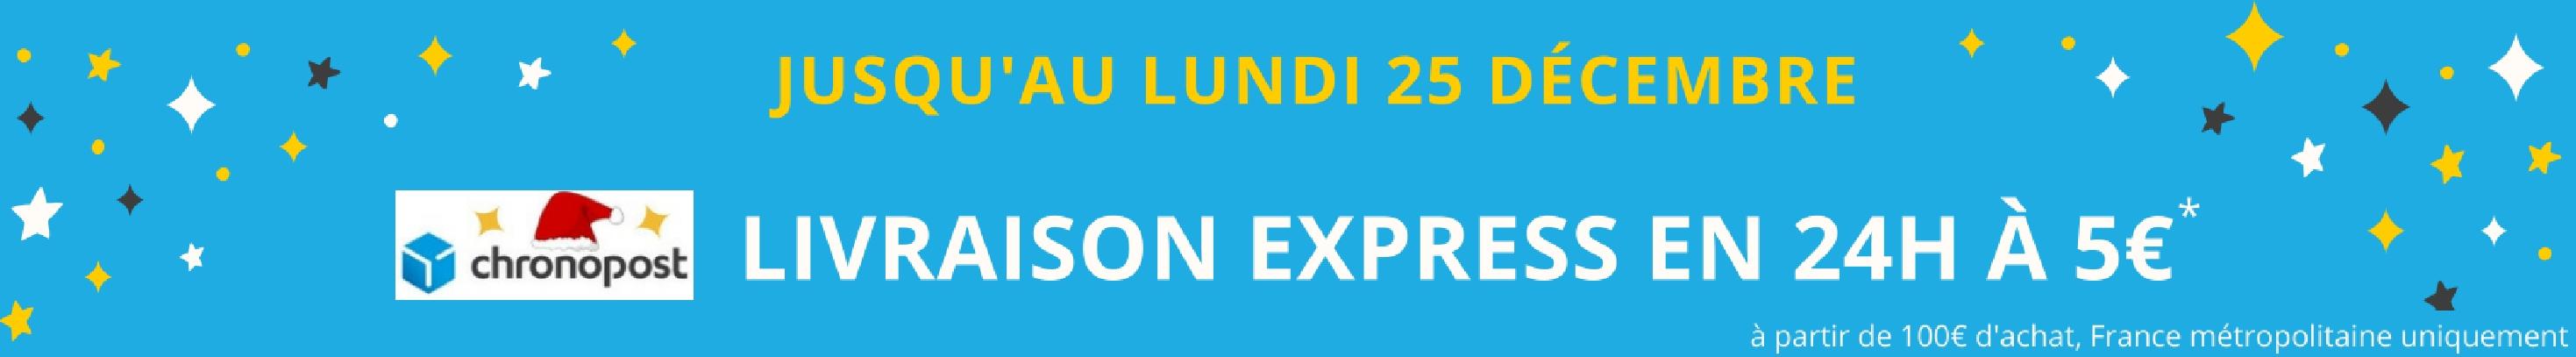 Livraison Express en 24H à 5€ pour toute commande passée en Chronopost jusqu'au vendredi 23 décembre